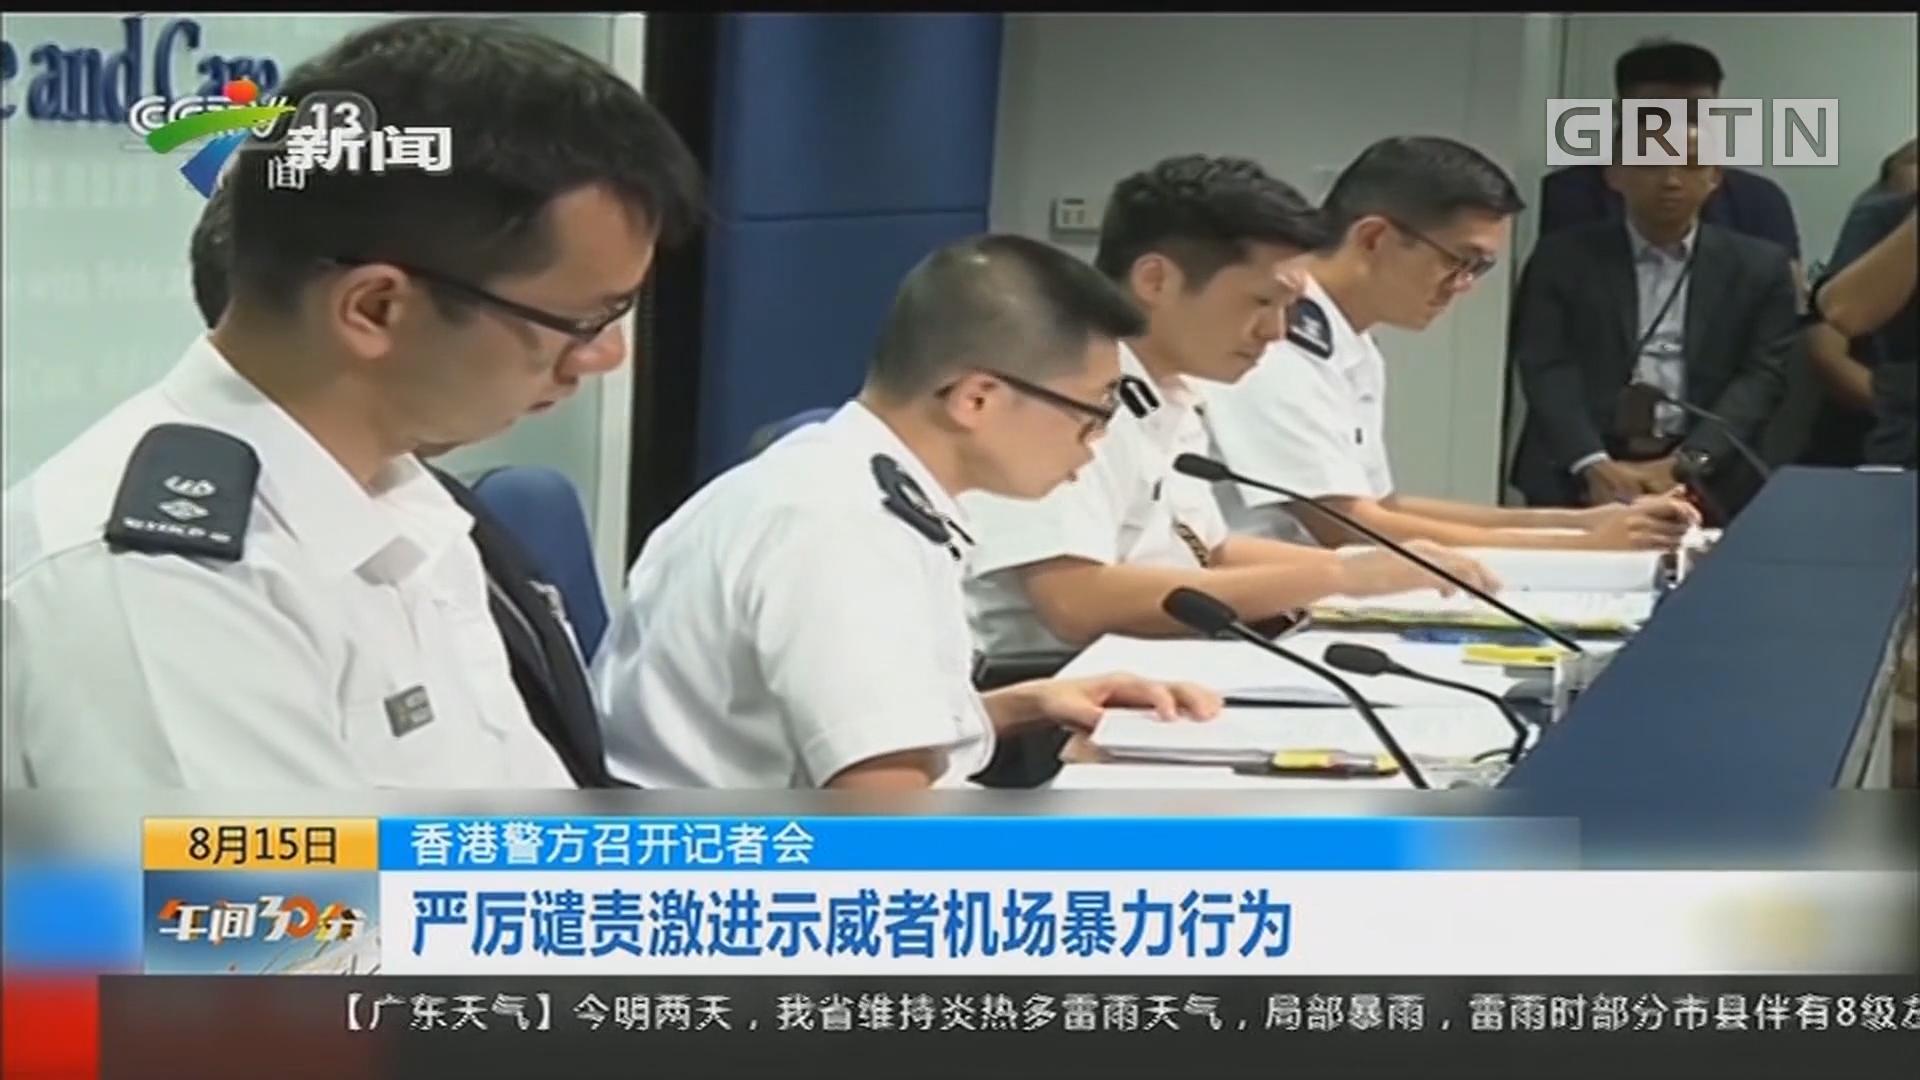 香港警方召開記者會:嚴厲譴責激進示威者機場暴力行為